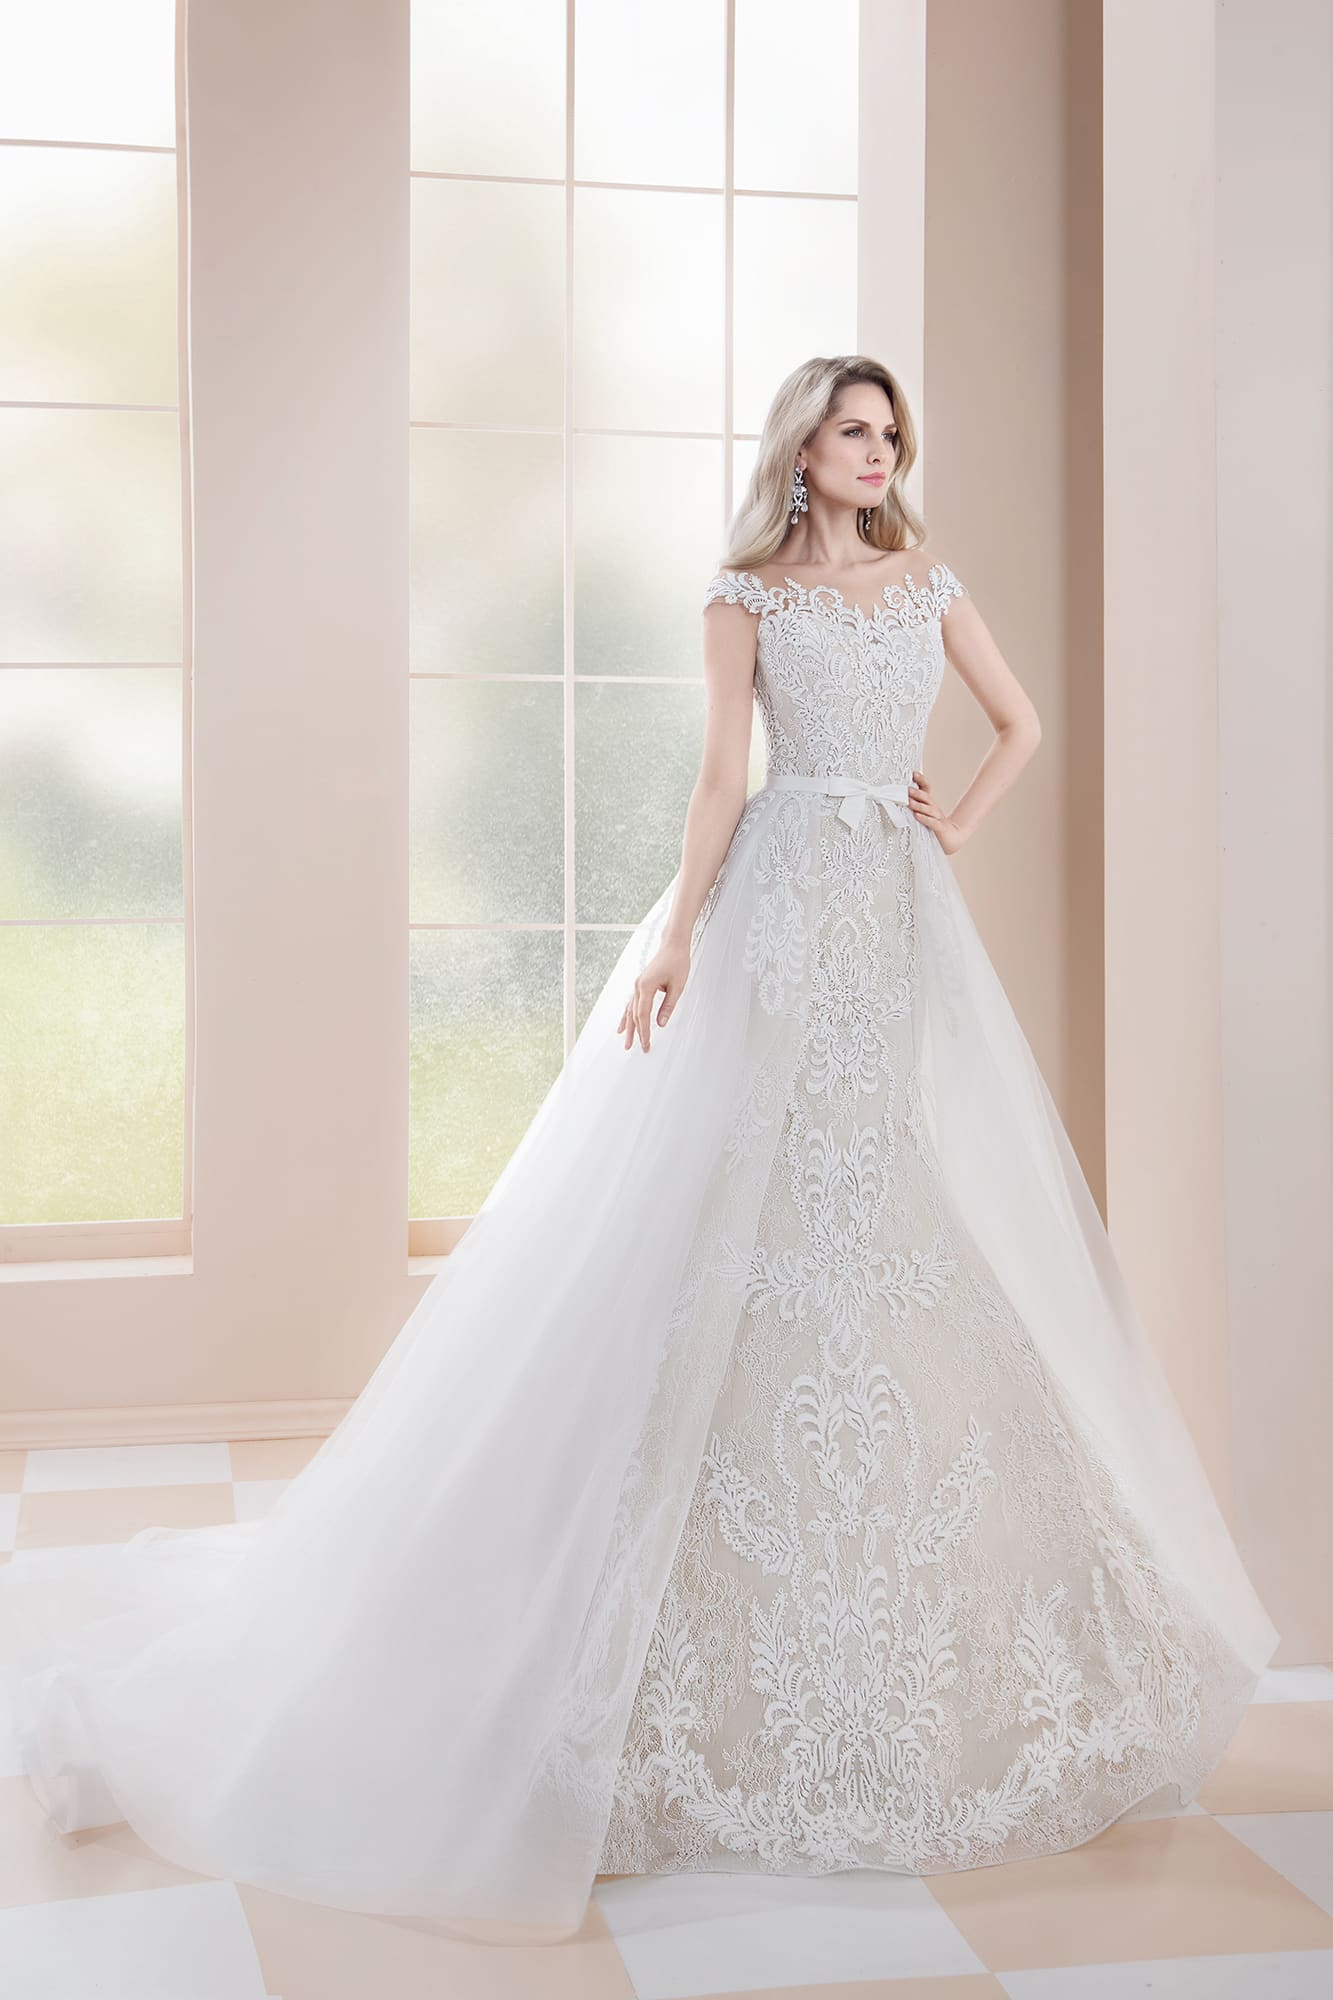 f4f5f778860 Платье-трансформер со съемным шлейфом Farletta Vega ▷ Свадебный ...